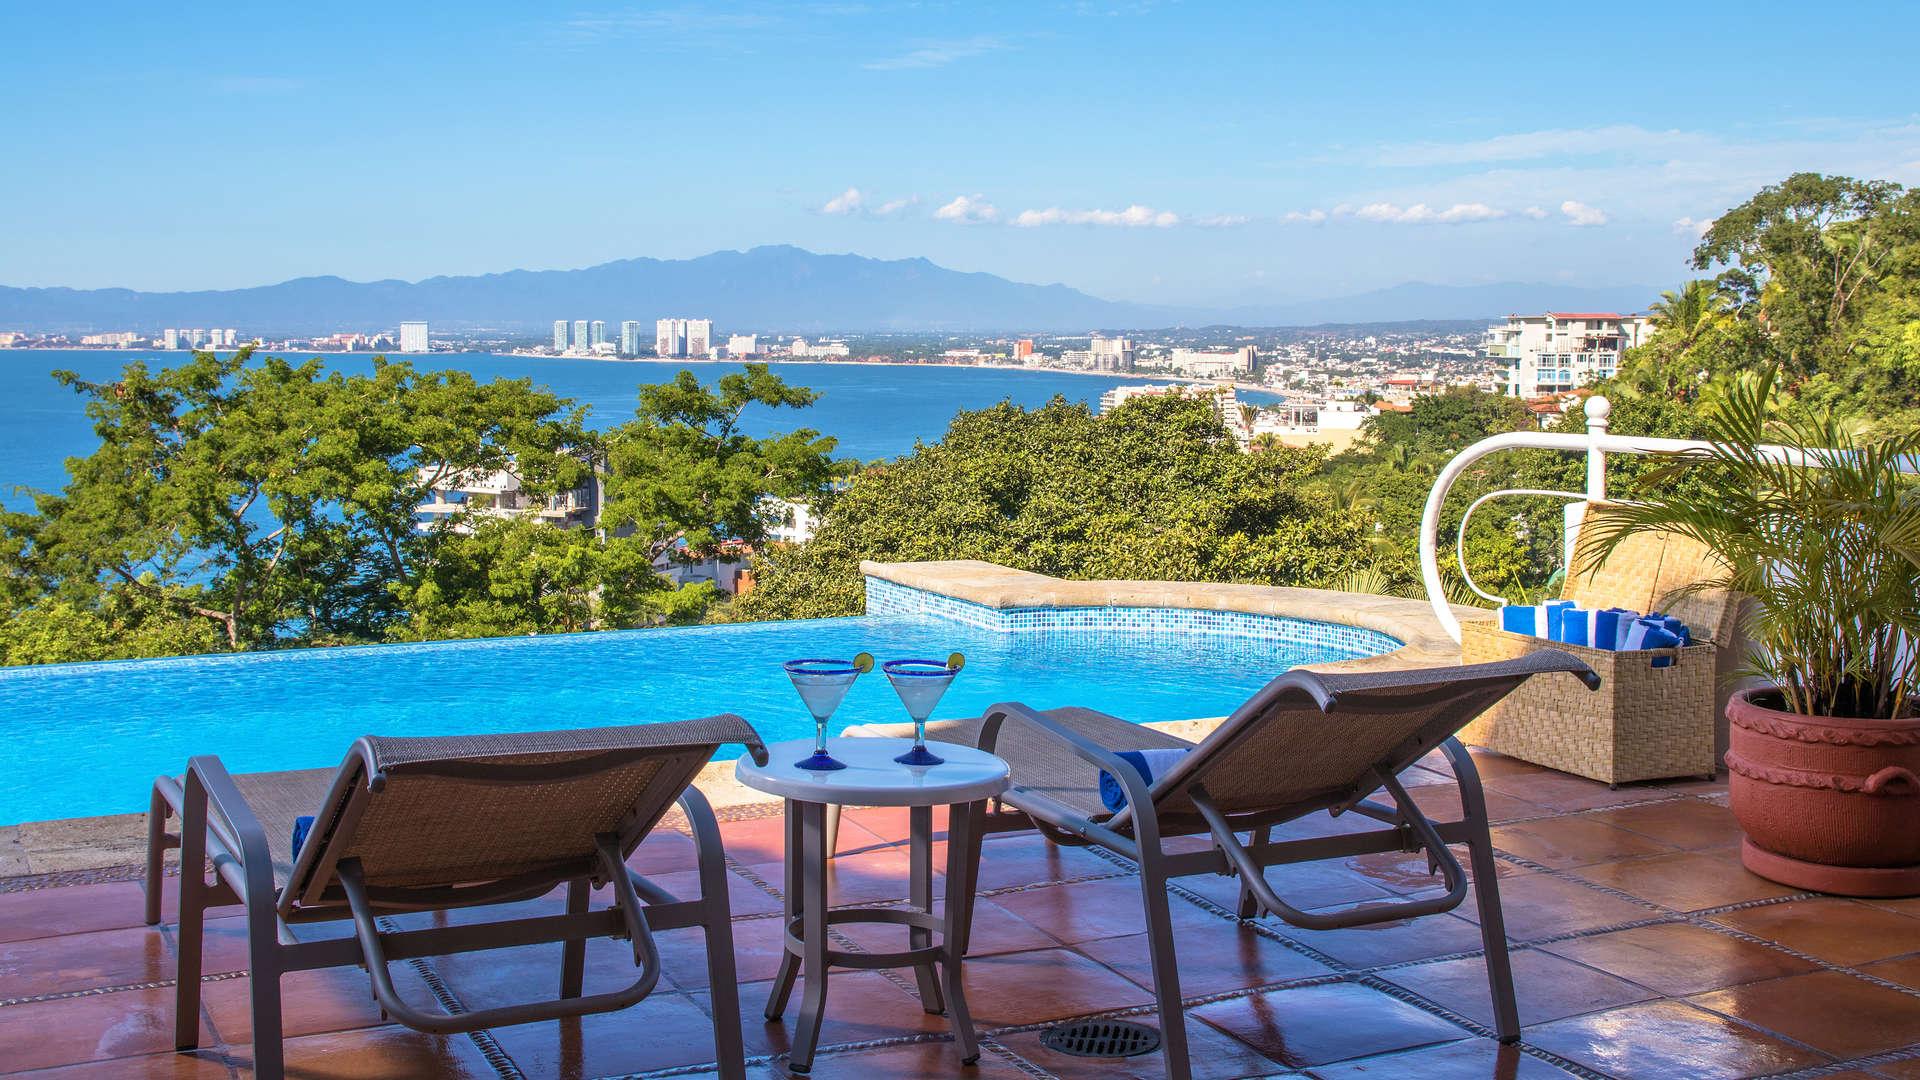 Luxury vacation rentals mexico - Puerto vallarta - Conchas chinas - No location 4 - Casa La Palma - Image 1/21